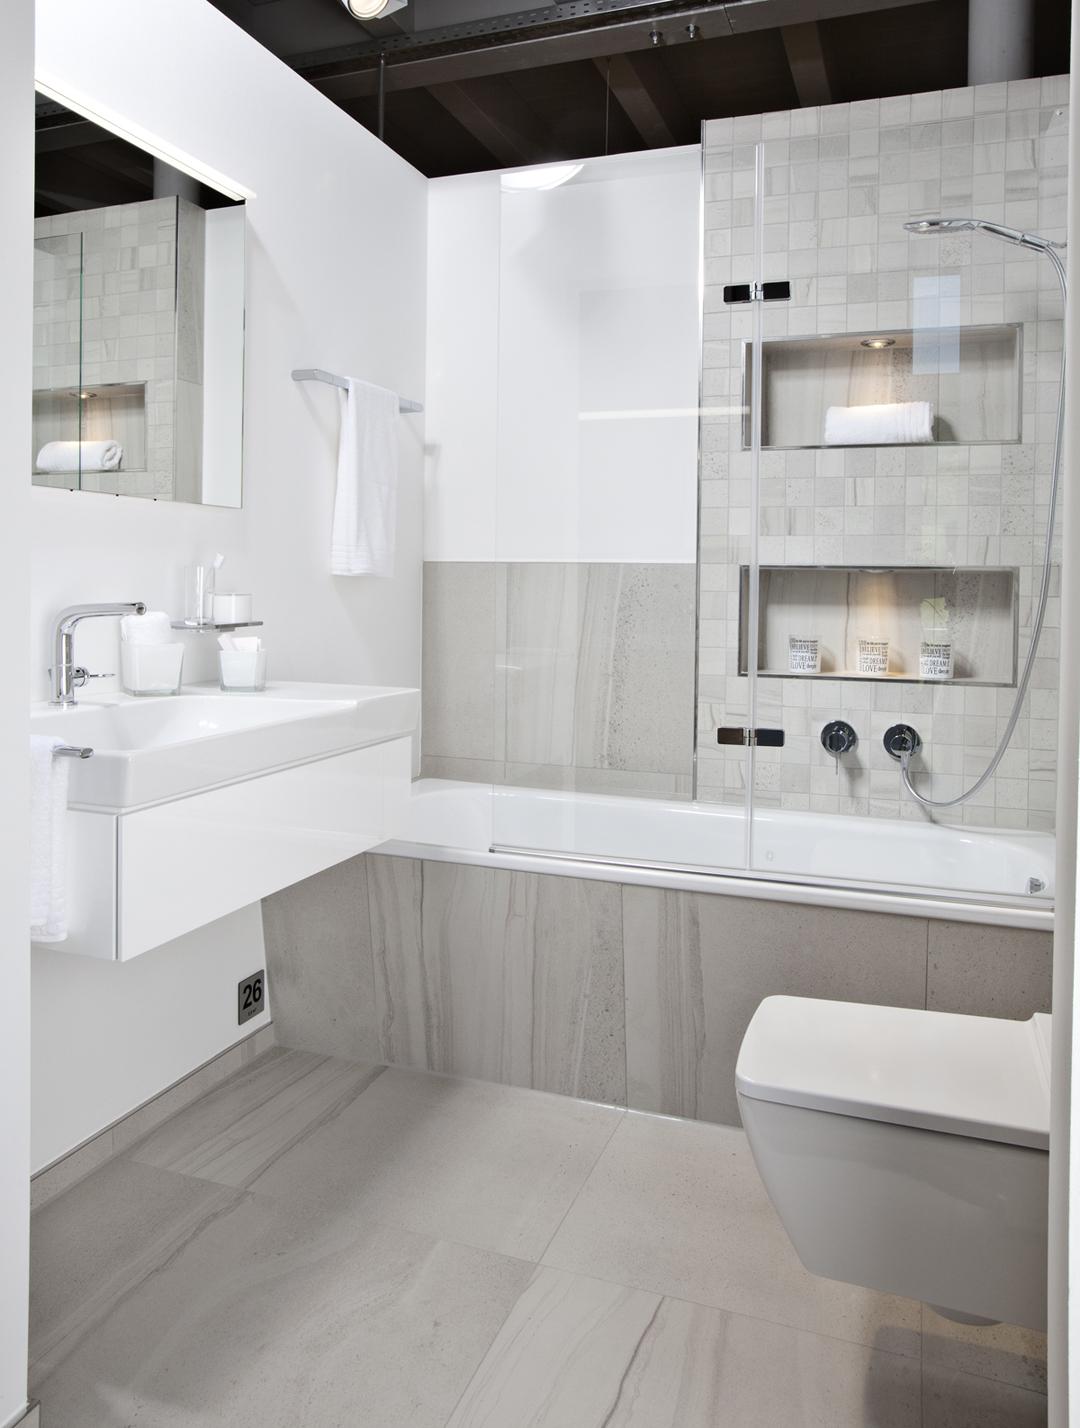 Schon Helles, Modernes Bad Auf Kleinem Raum